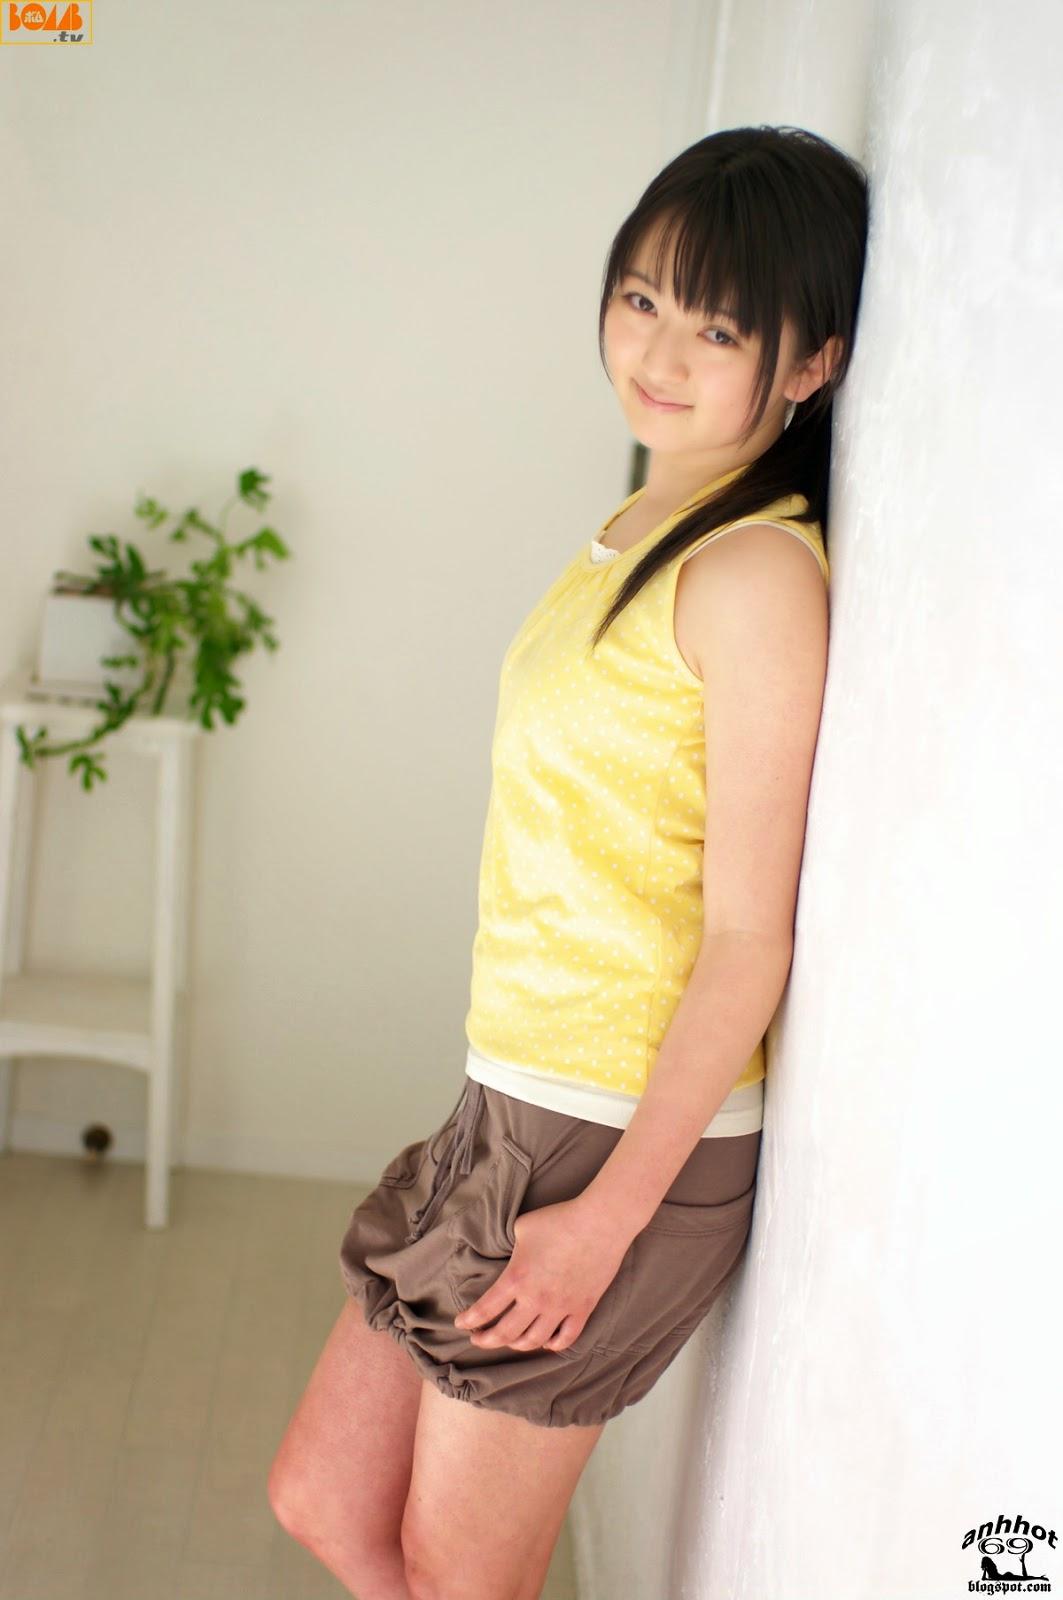 saki-takayama-00855661